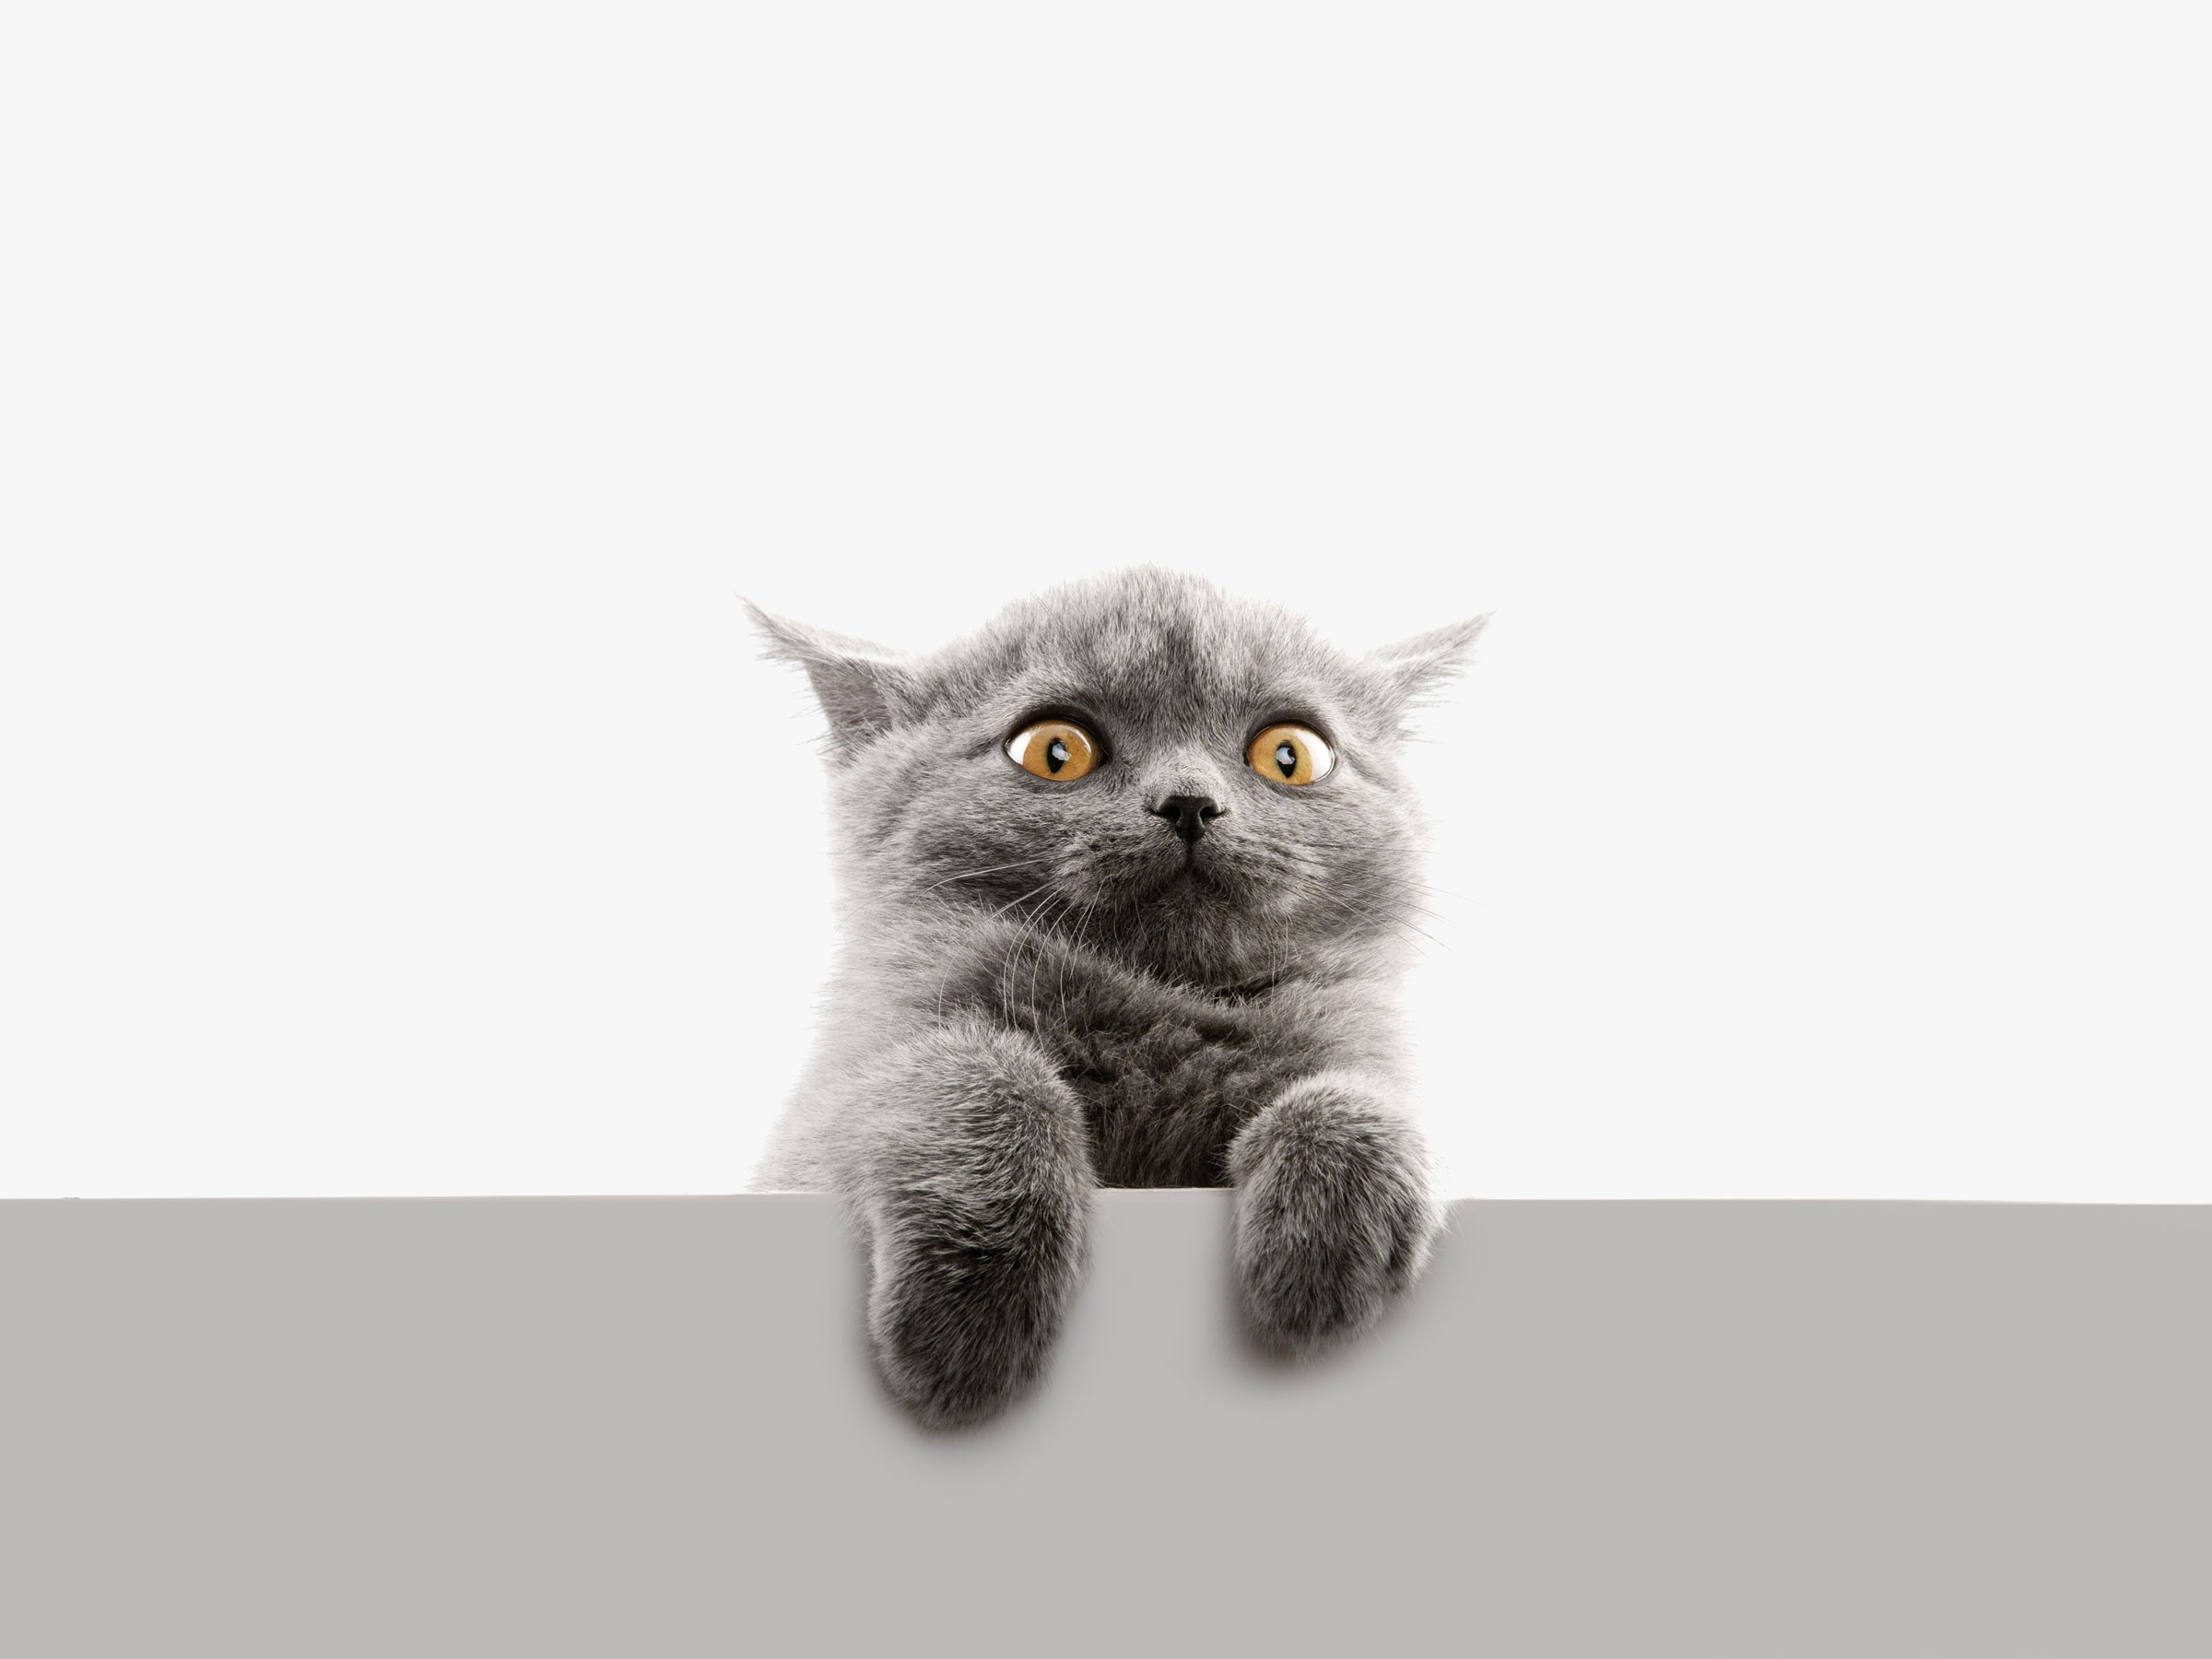 Кот взгляд испуганный  № 650702 бесплатно